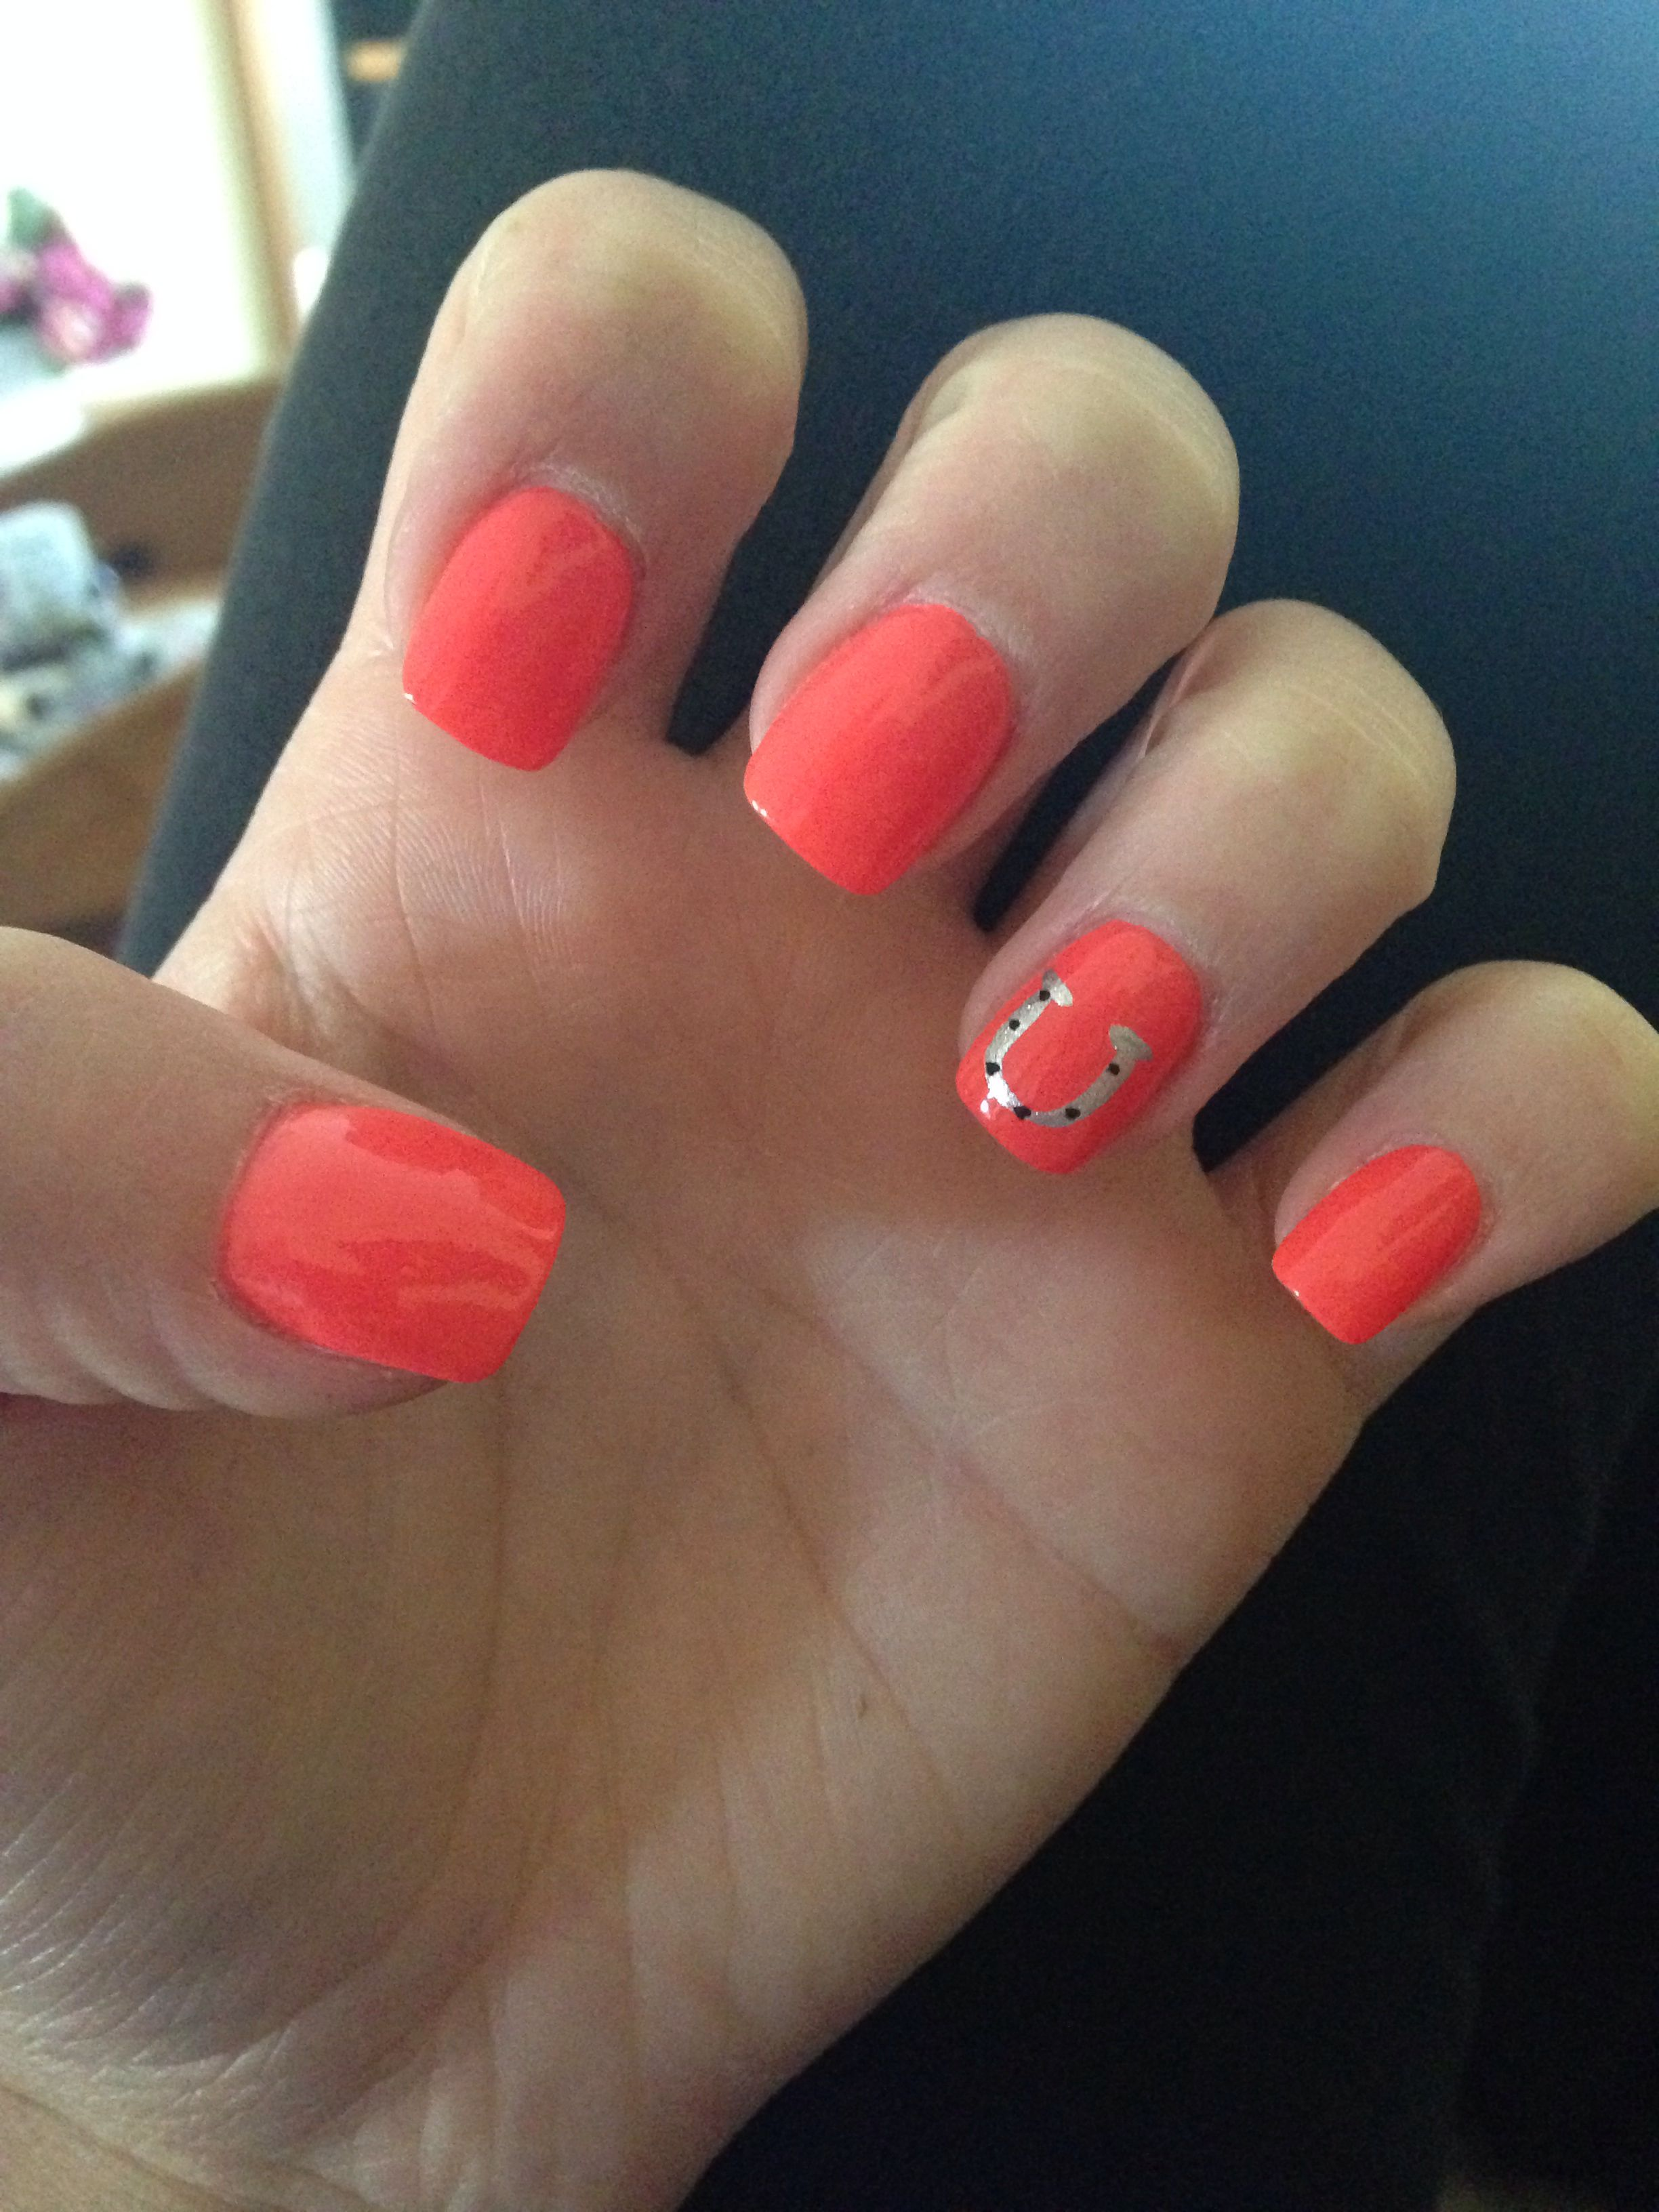 My nails-horseshoe design   Nails   Pinterest